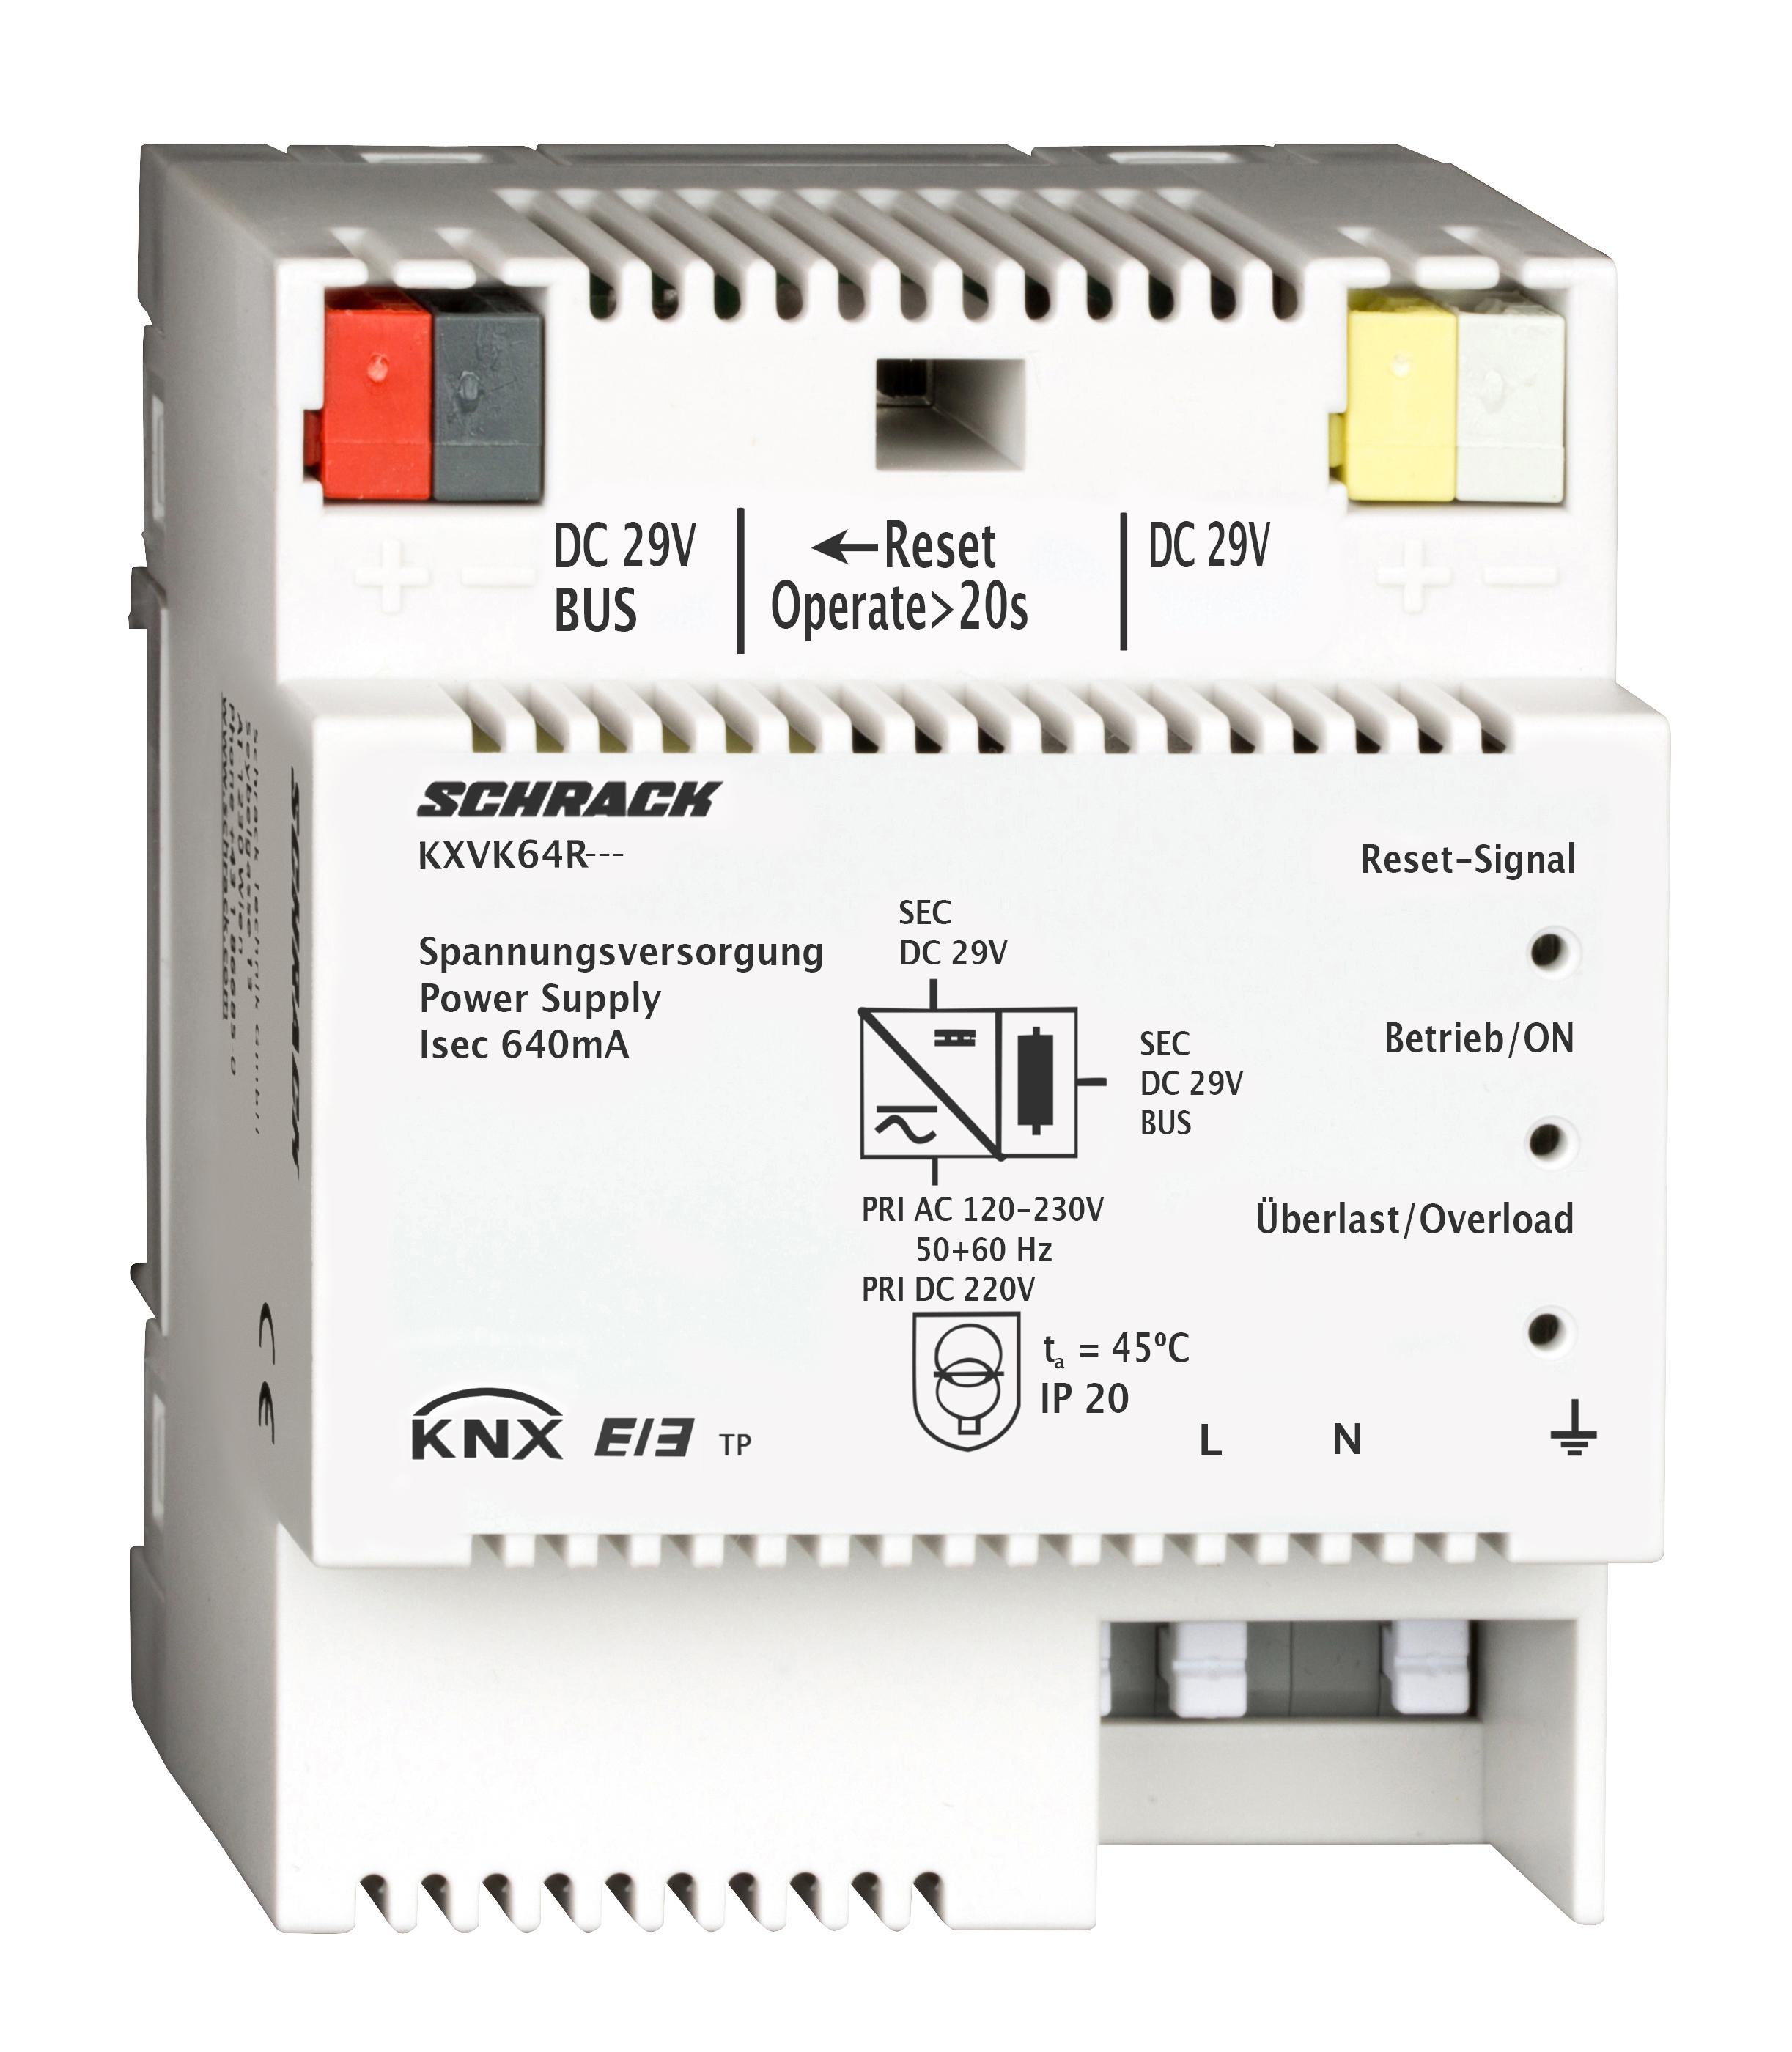 1 Stk KNX Spannungsversorgung, DC 29V, 640mA KXVK64R---